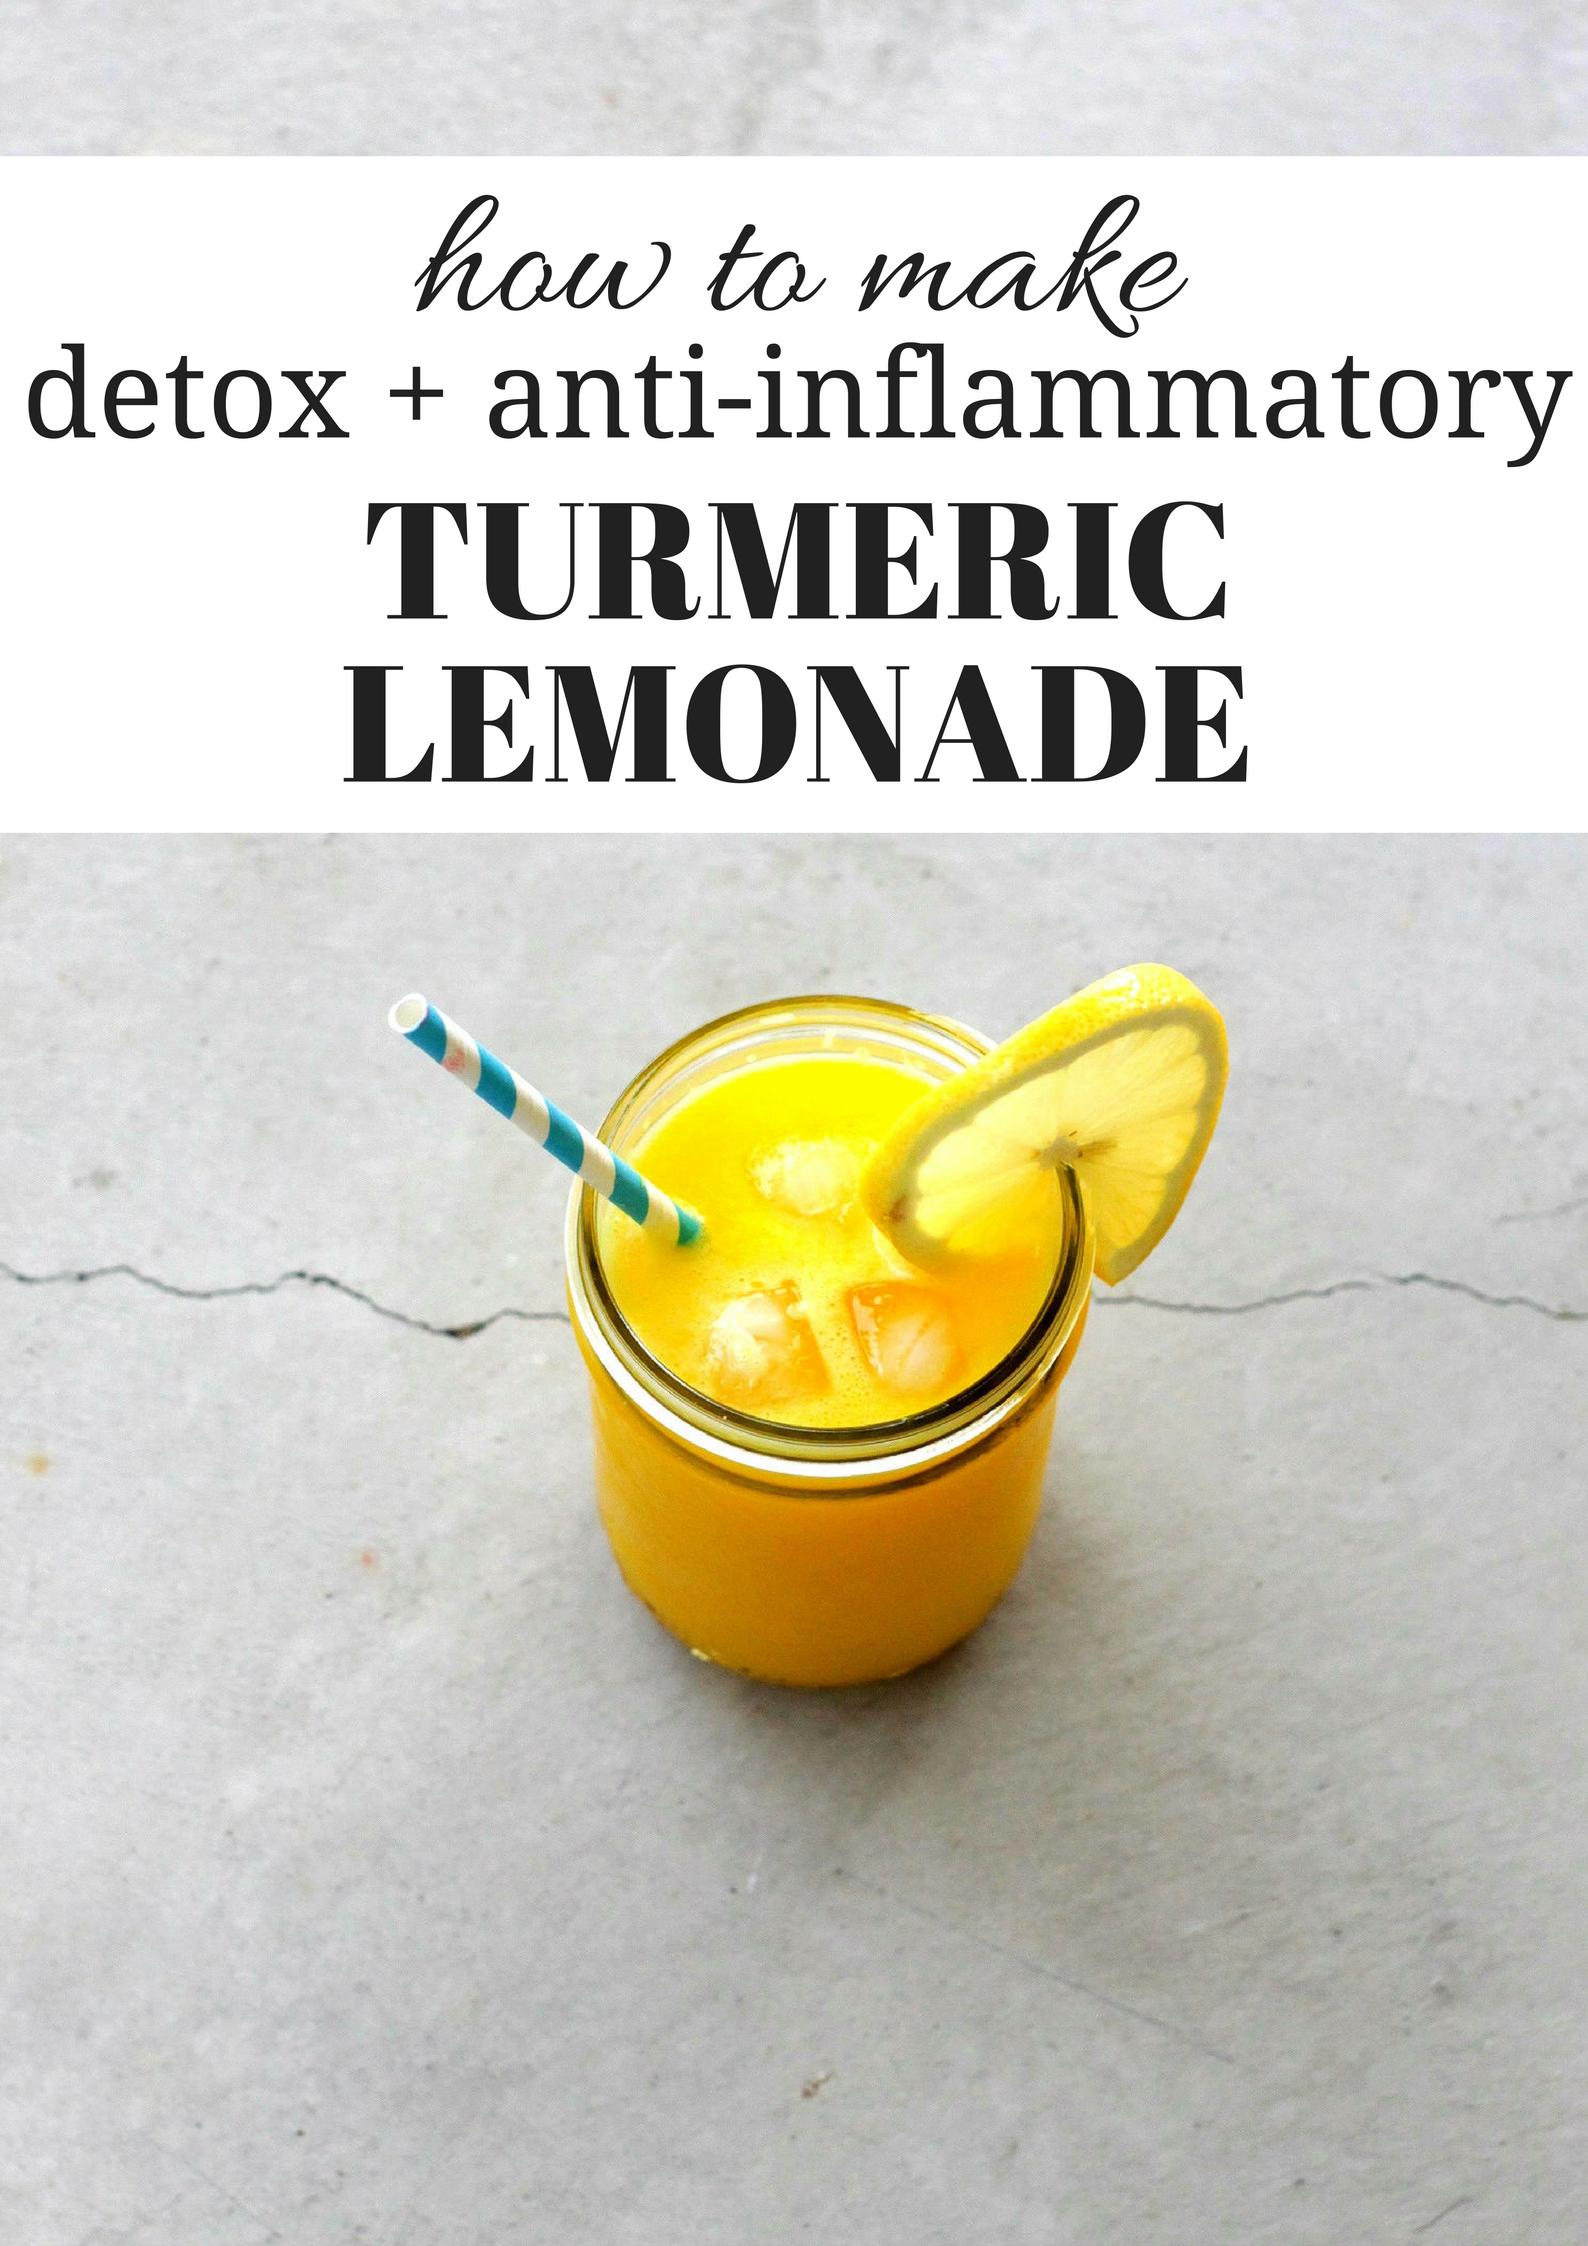 How to Make Turmeric Lemonade